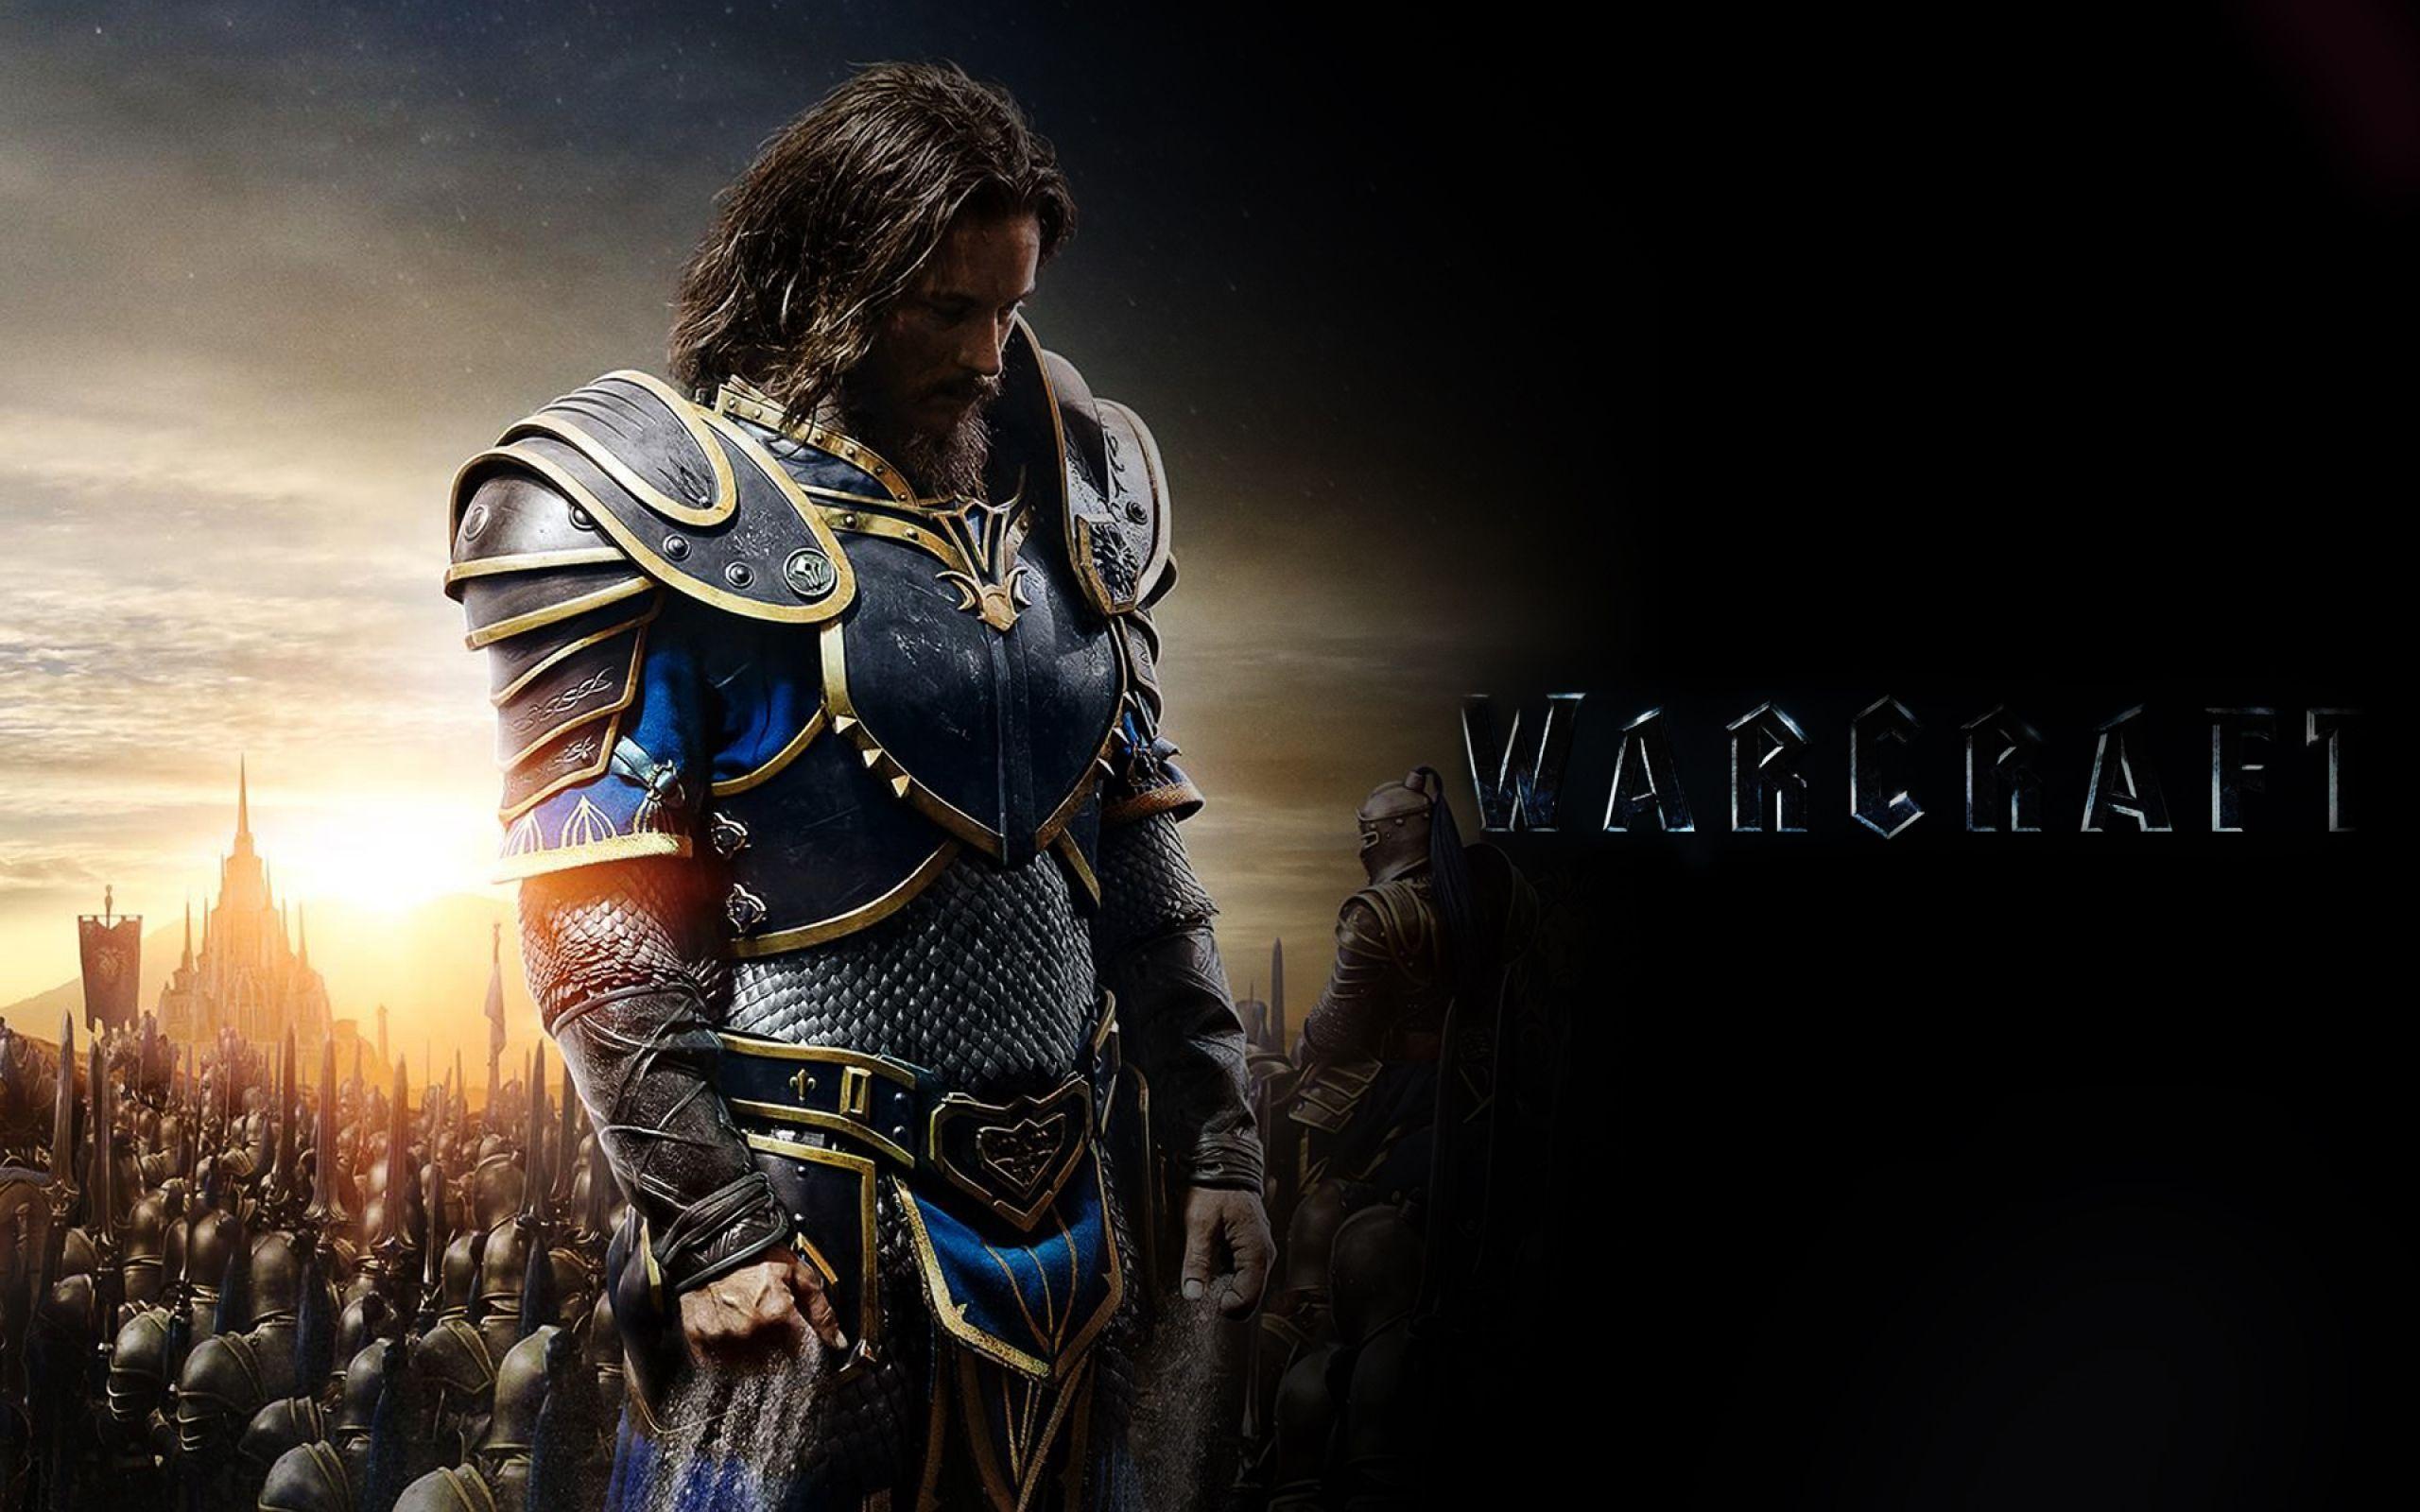 warcraft movie wallpaper hd